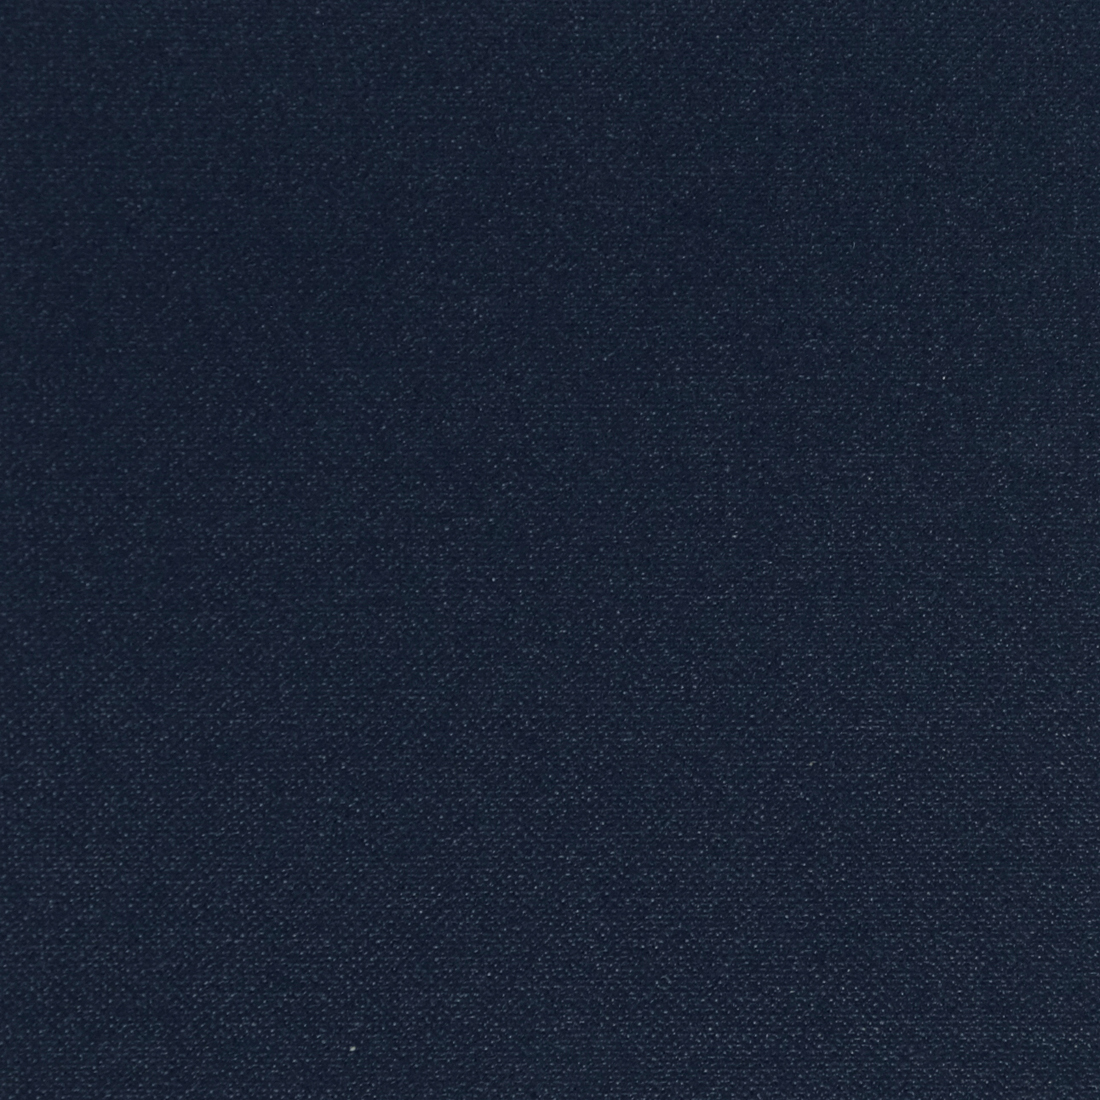 380_057B_Nachtblau